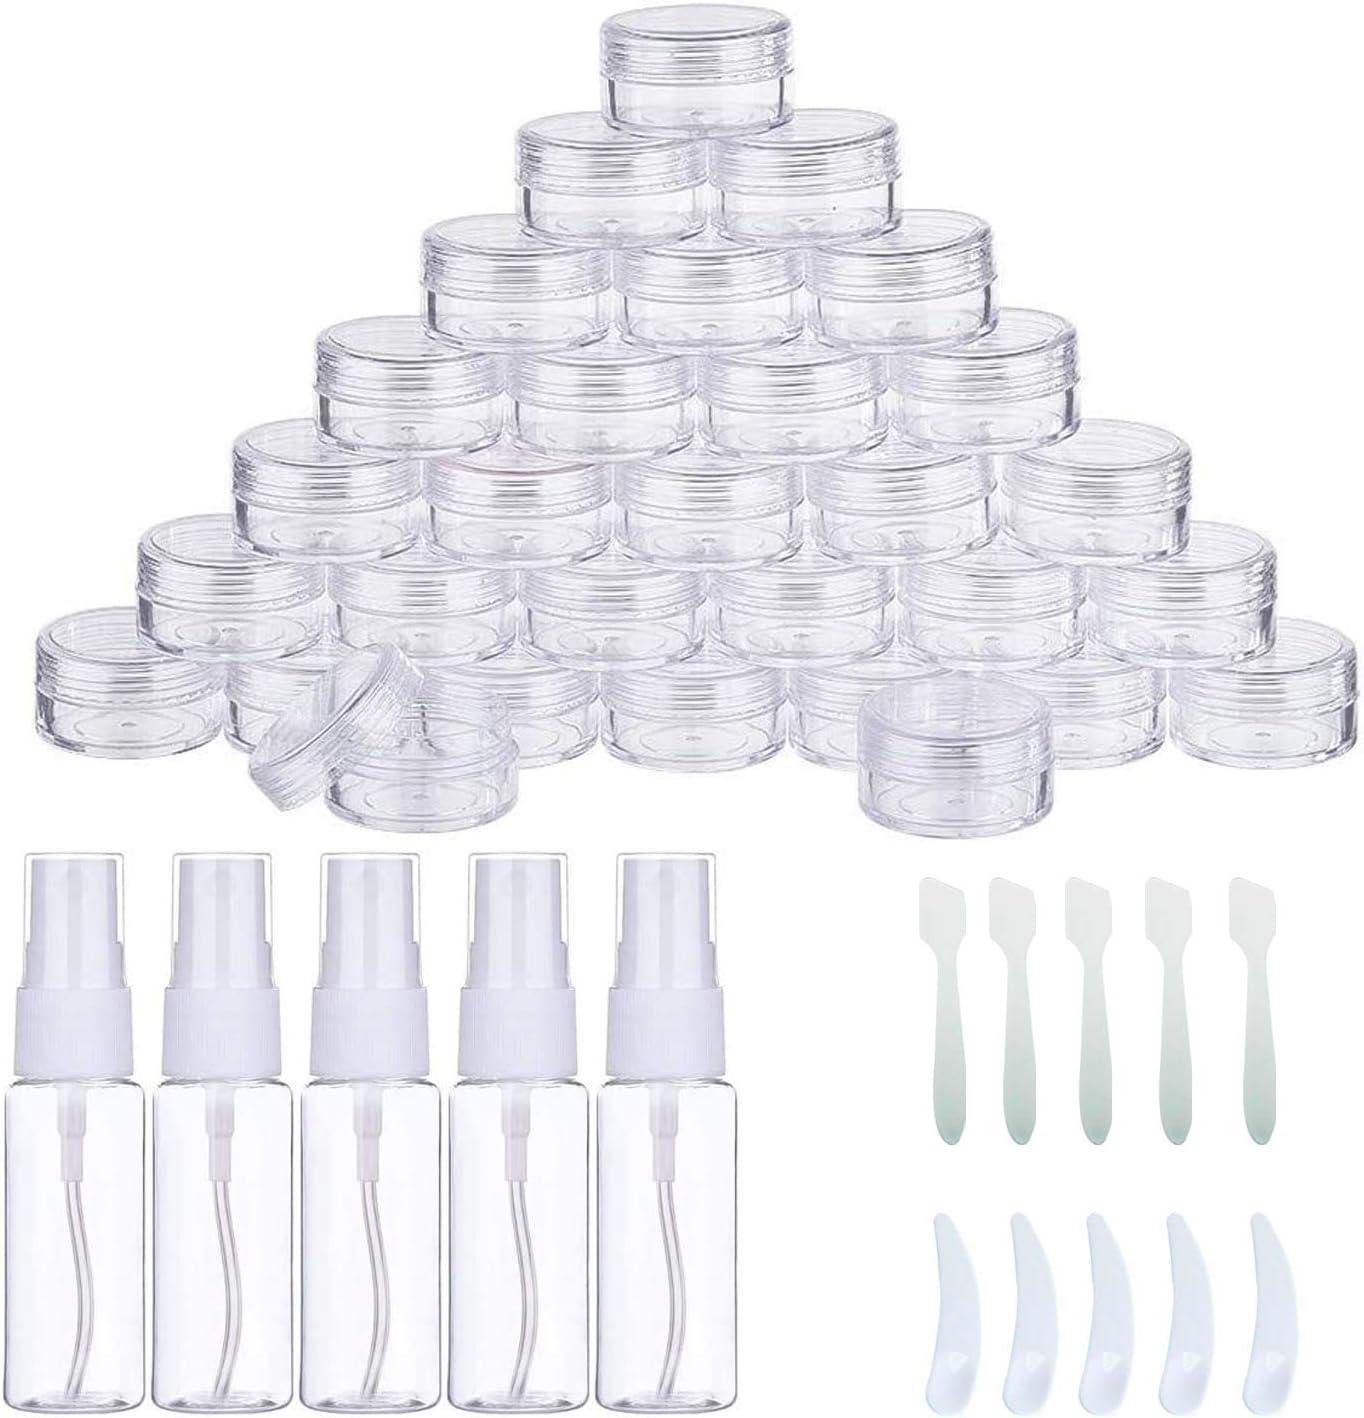 Woohome 60 Pz Bote de Plástico Tarro Vacío Contenedor, 30ML Botellas de Pulverización y Minirremolques para Cremas Muestra de Almacenamiento (Redondo, Transparente)